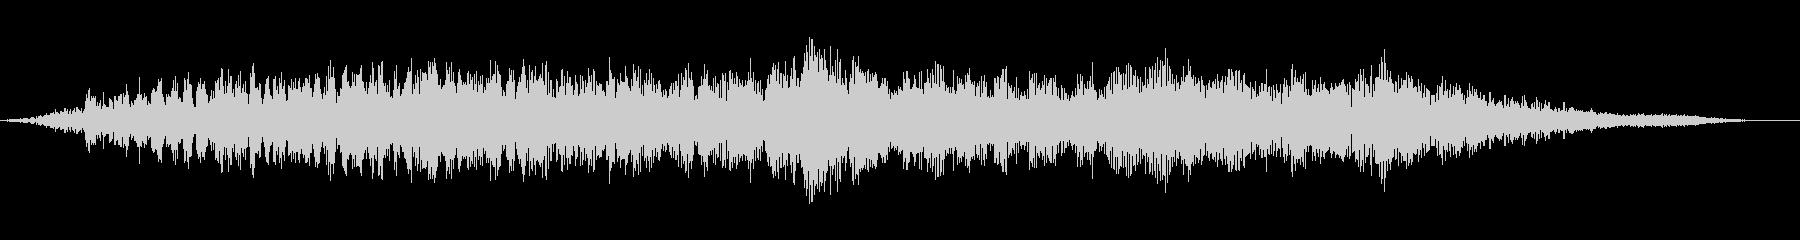 クリーピングスピリッツの未再生の波形